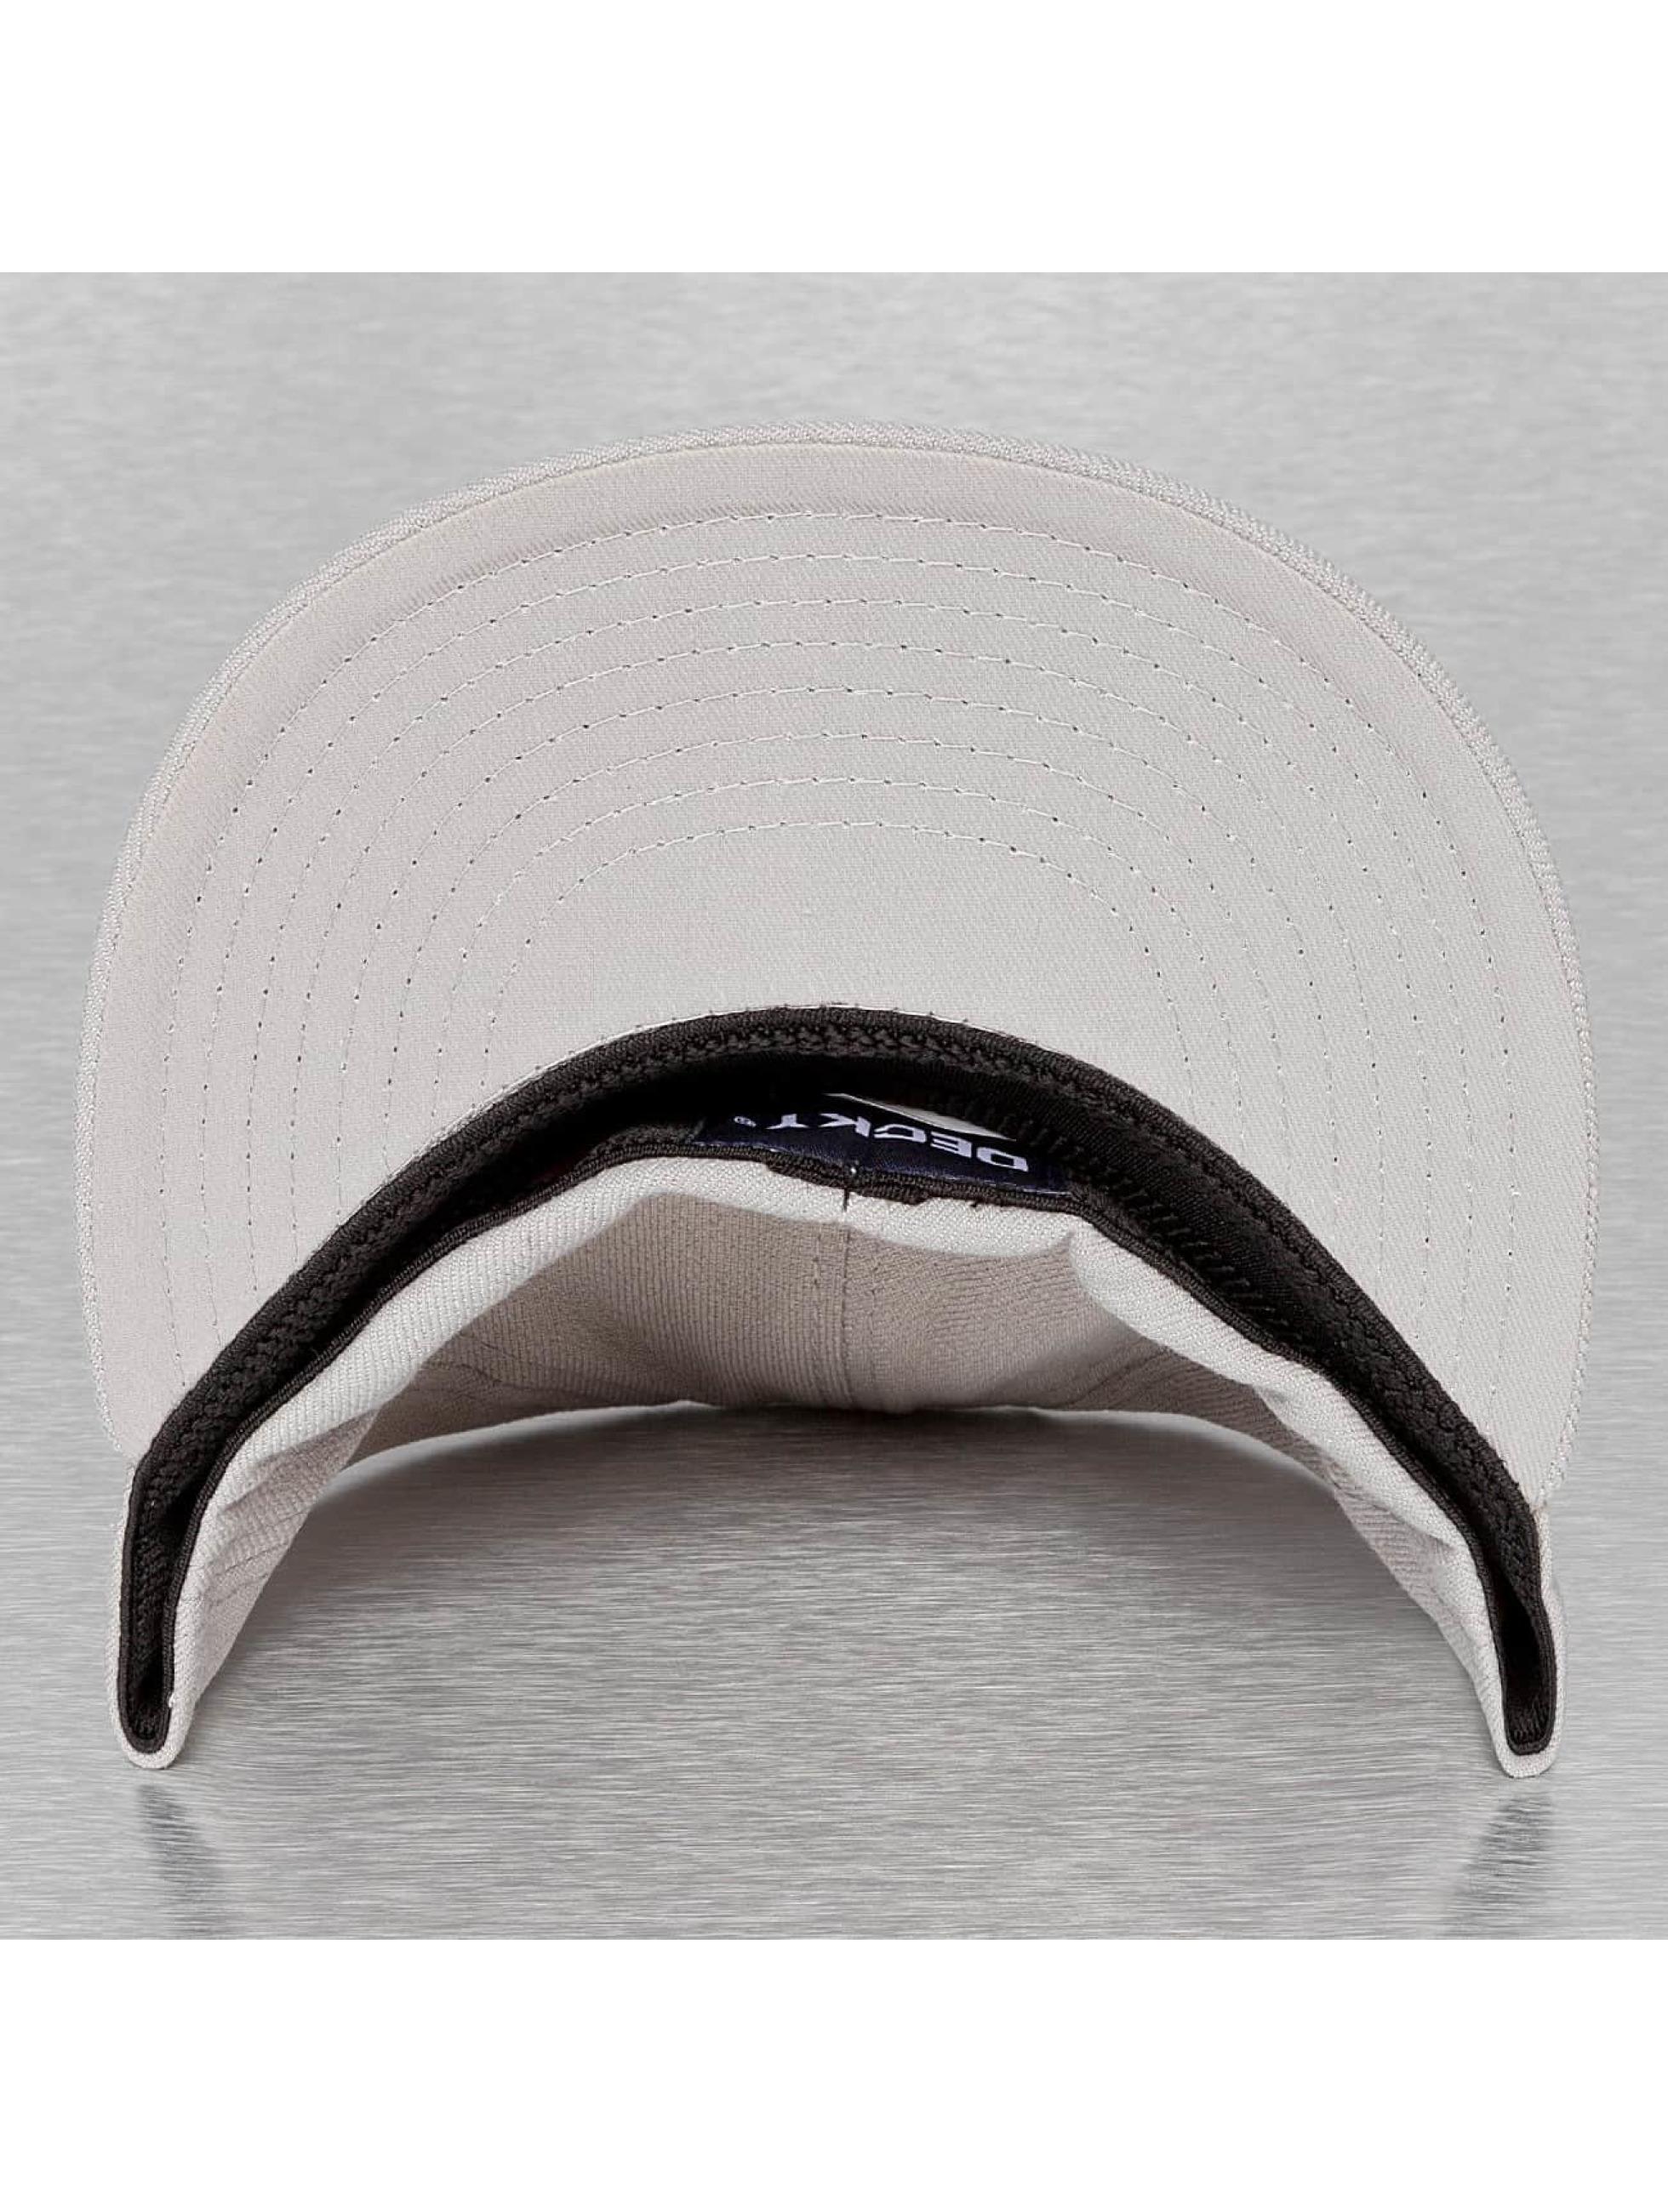 Decky USA Casquette Flex Fitted Flat Bill gris